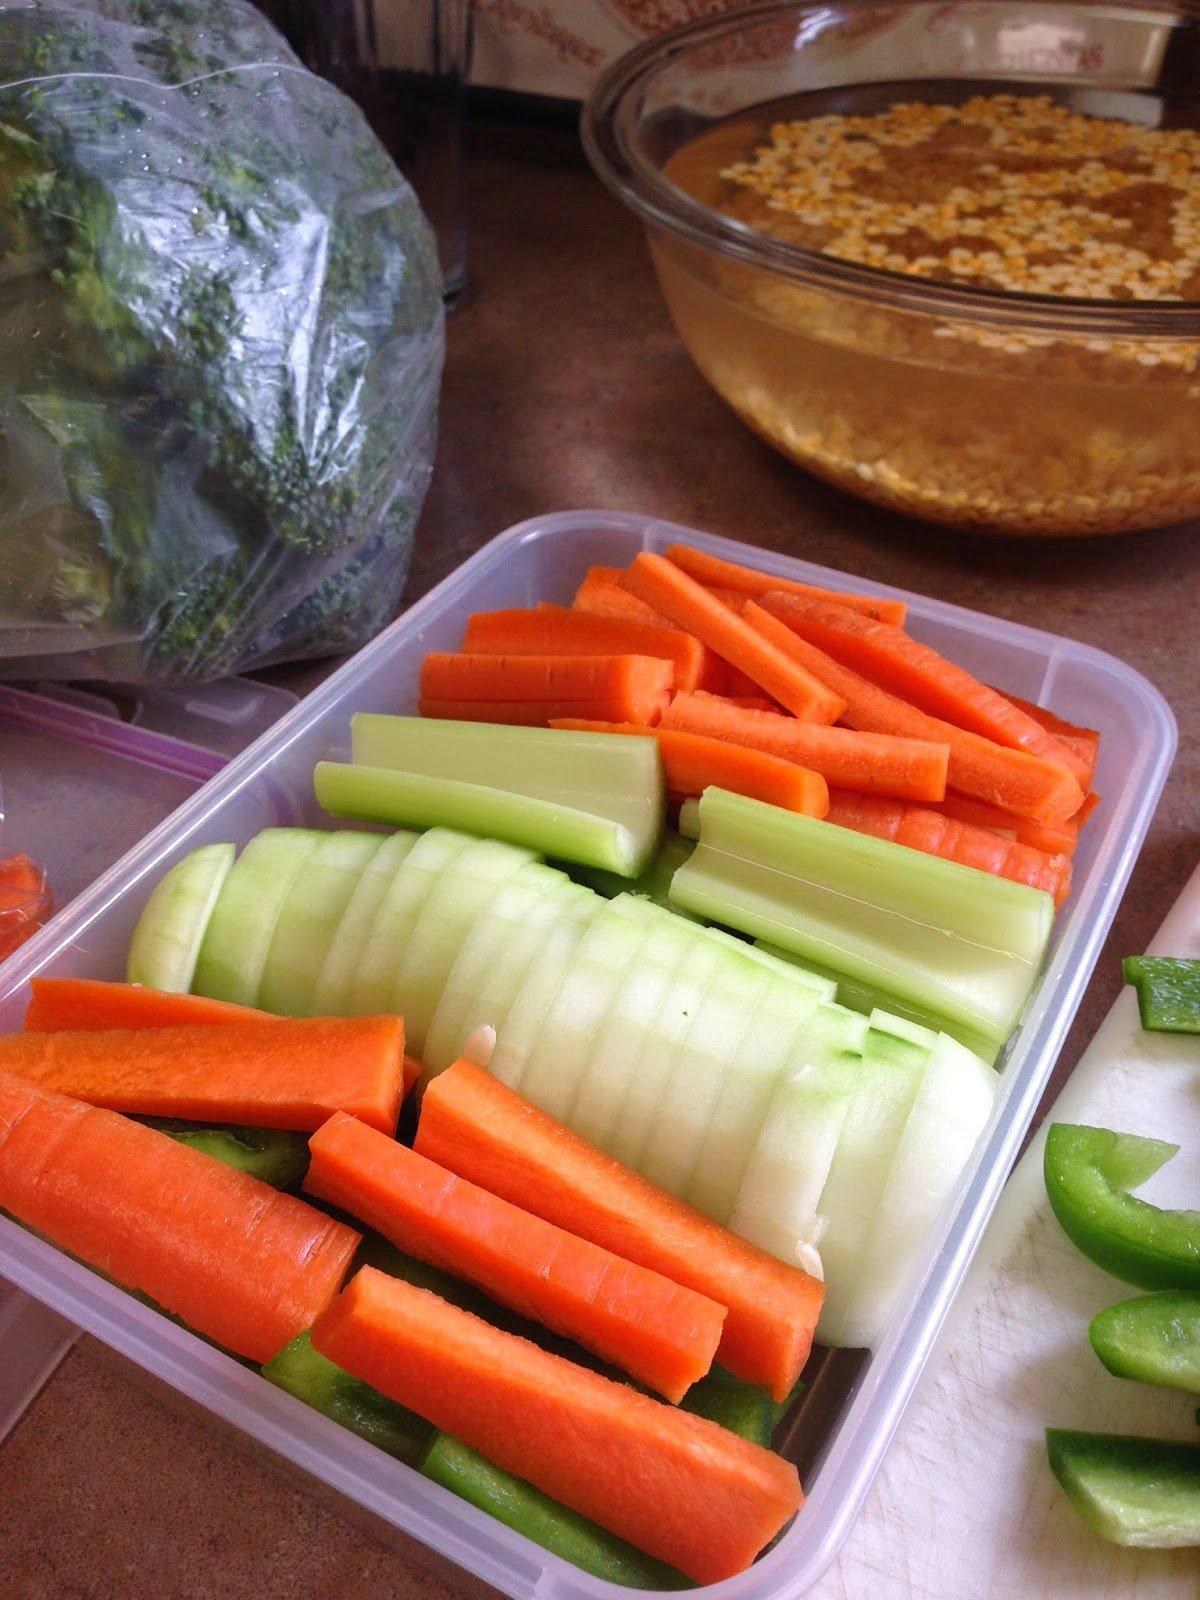 Trim Healthy Mama | Trim healthy mama, Healthy, Trim healthy